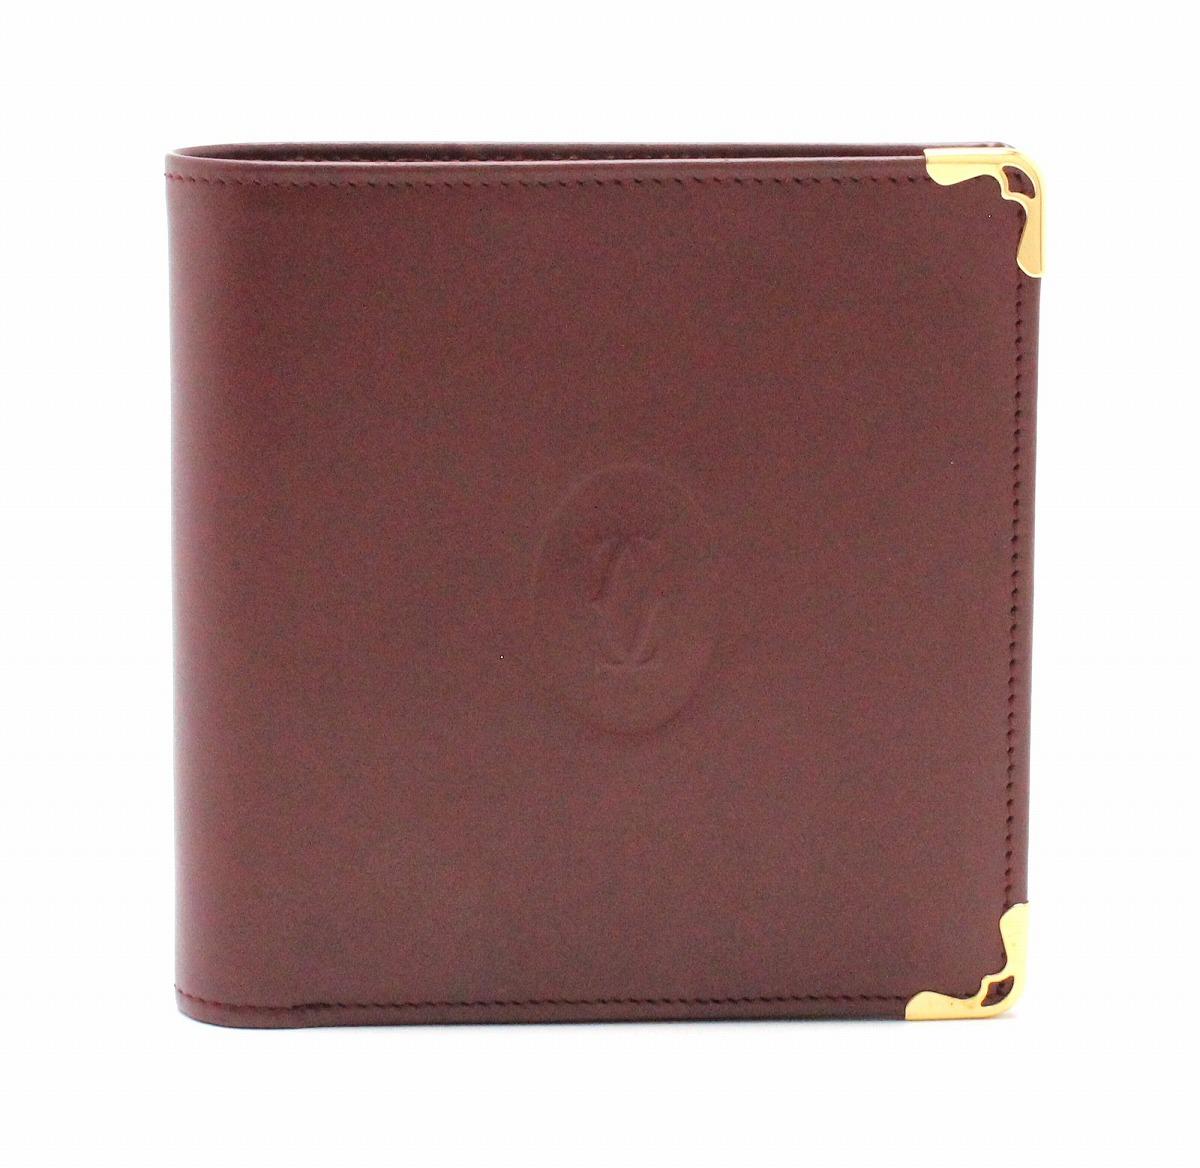 【未使用品】【財布】Cartier カルティエ マストライン 2つ折 財布 レザー カーフ ボルドー ゴールド金具 メンズ L3000451 【中古】【k】